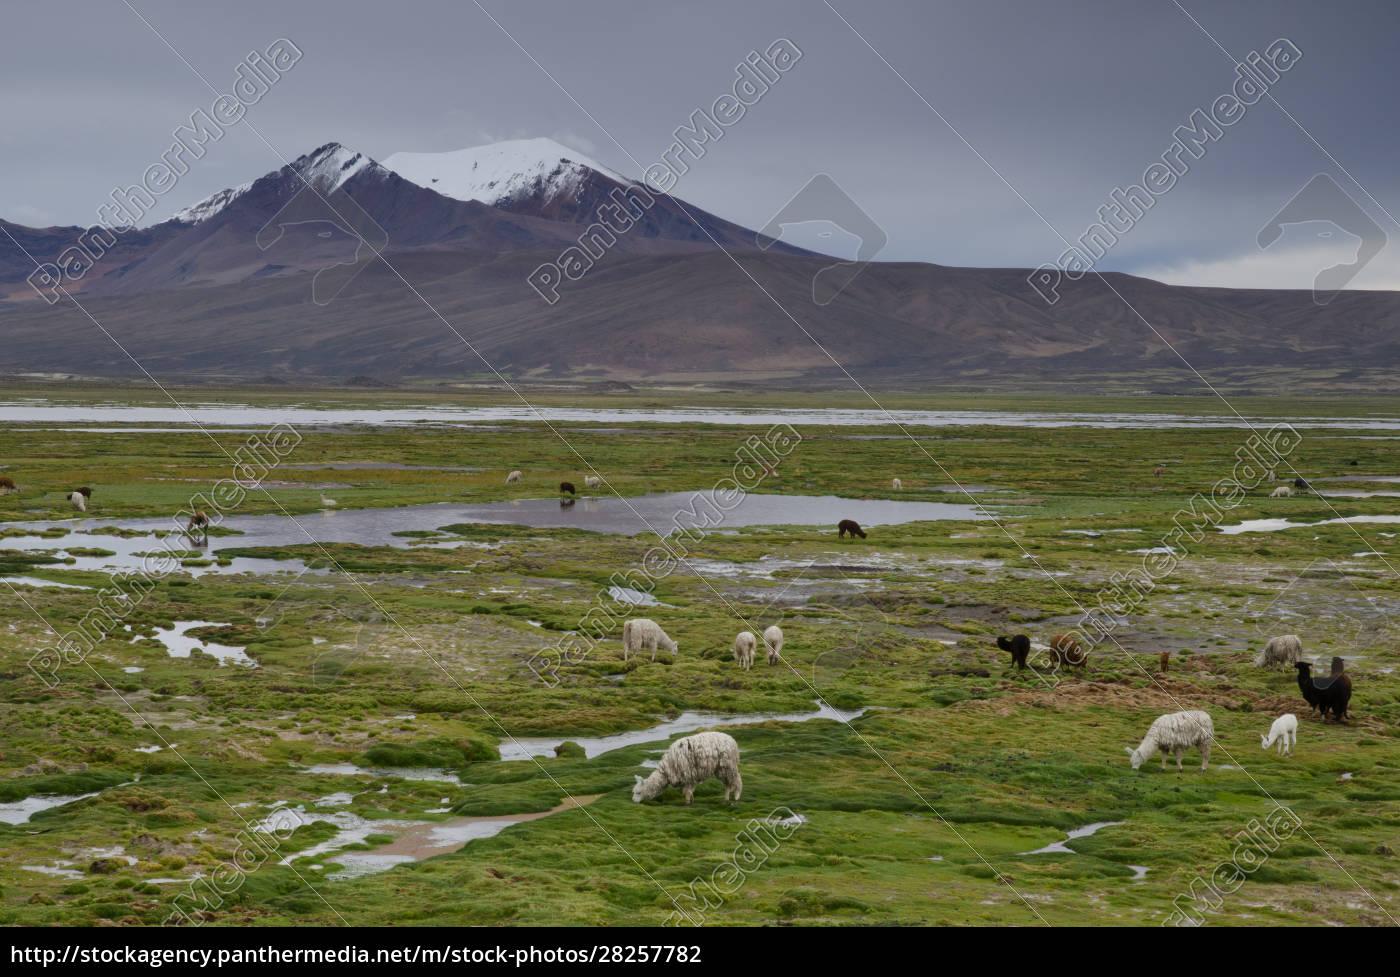 alpacas, vicugna, pacos, grazing, in, a - 28257782